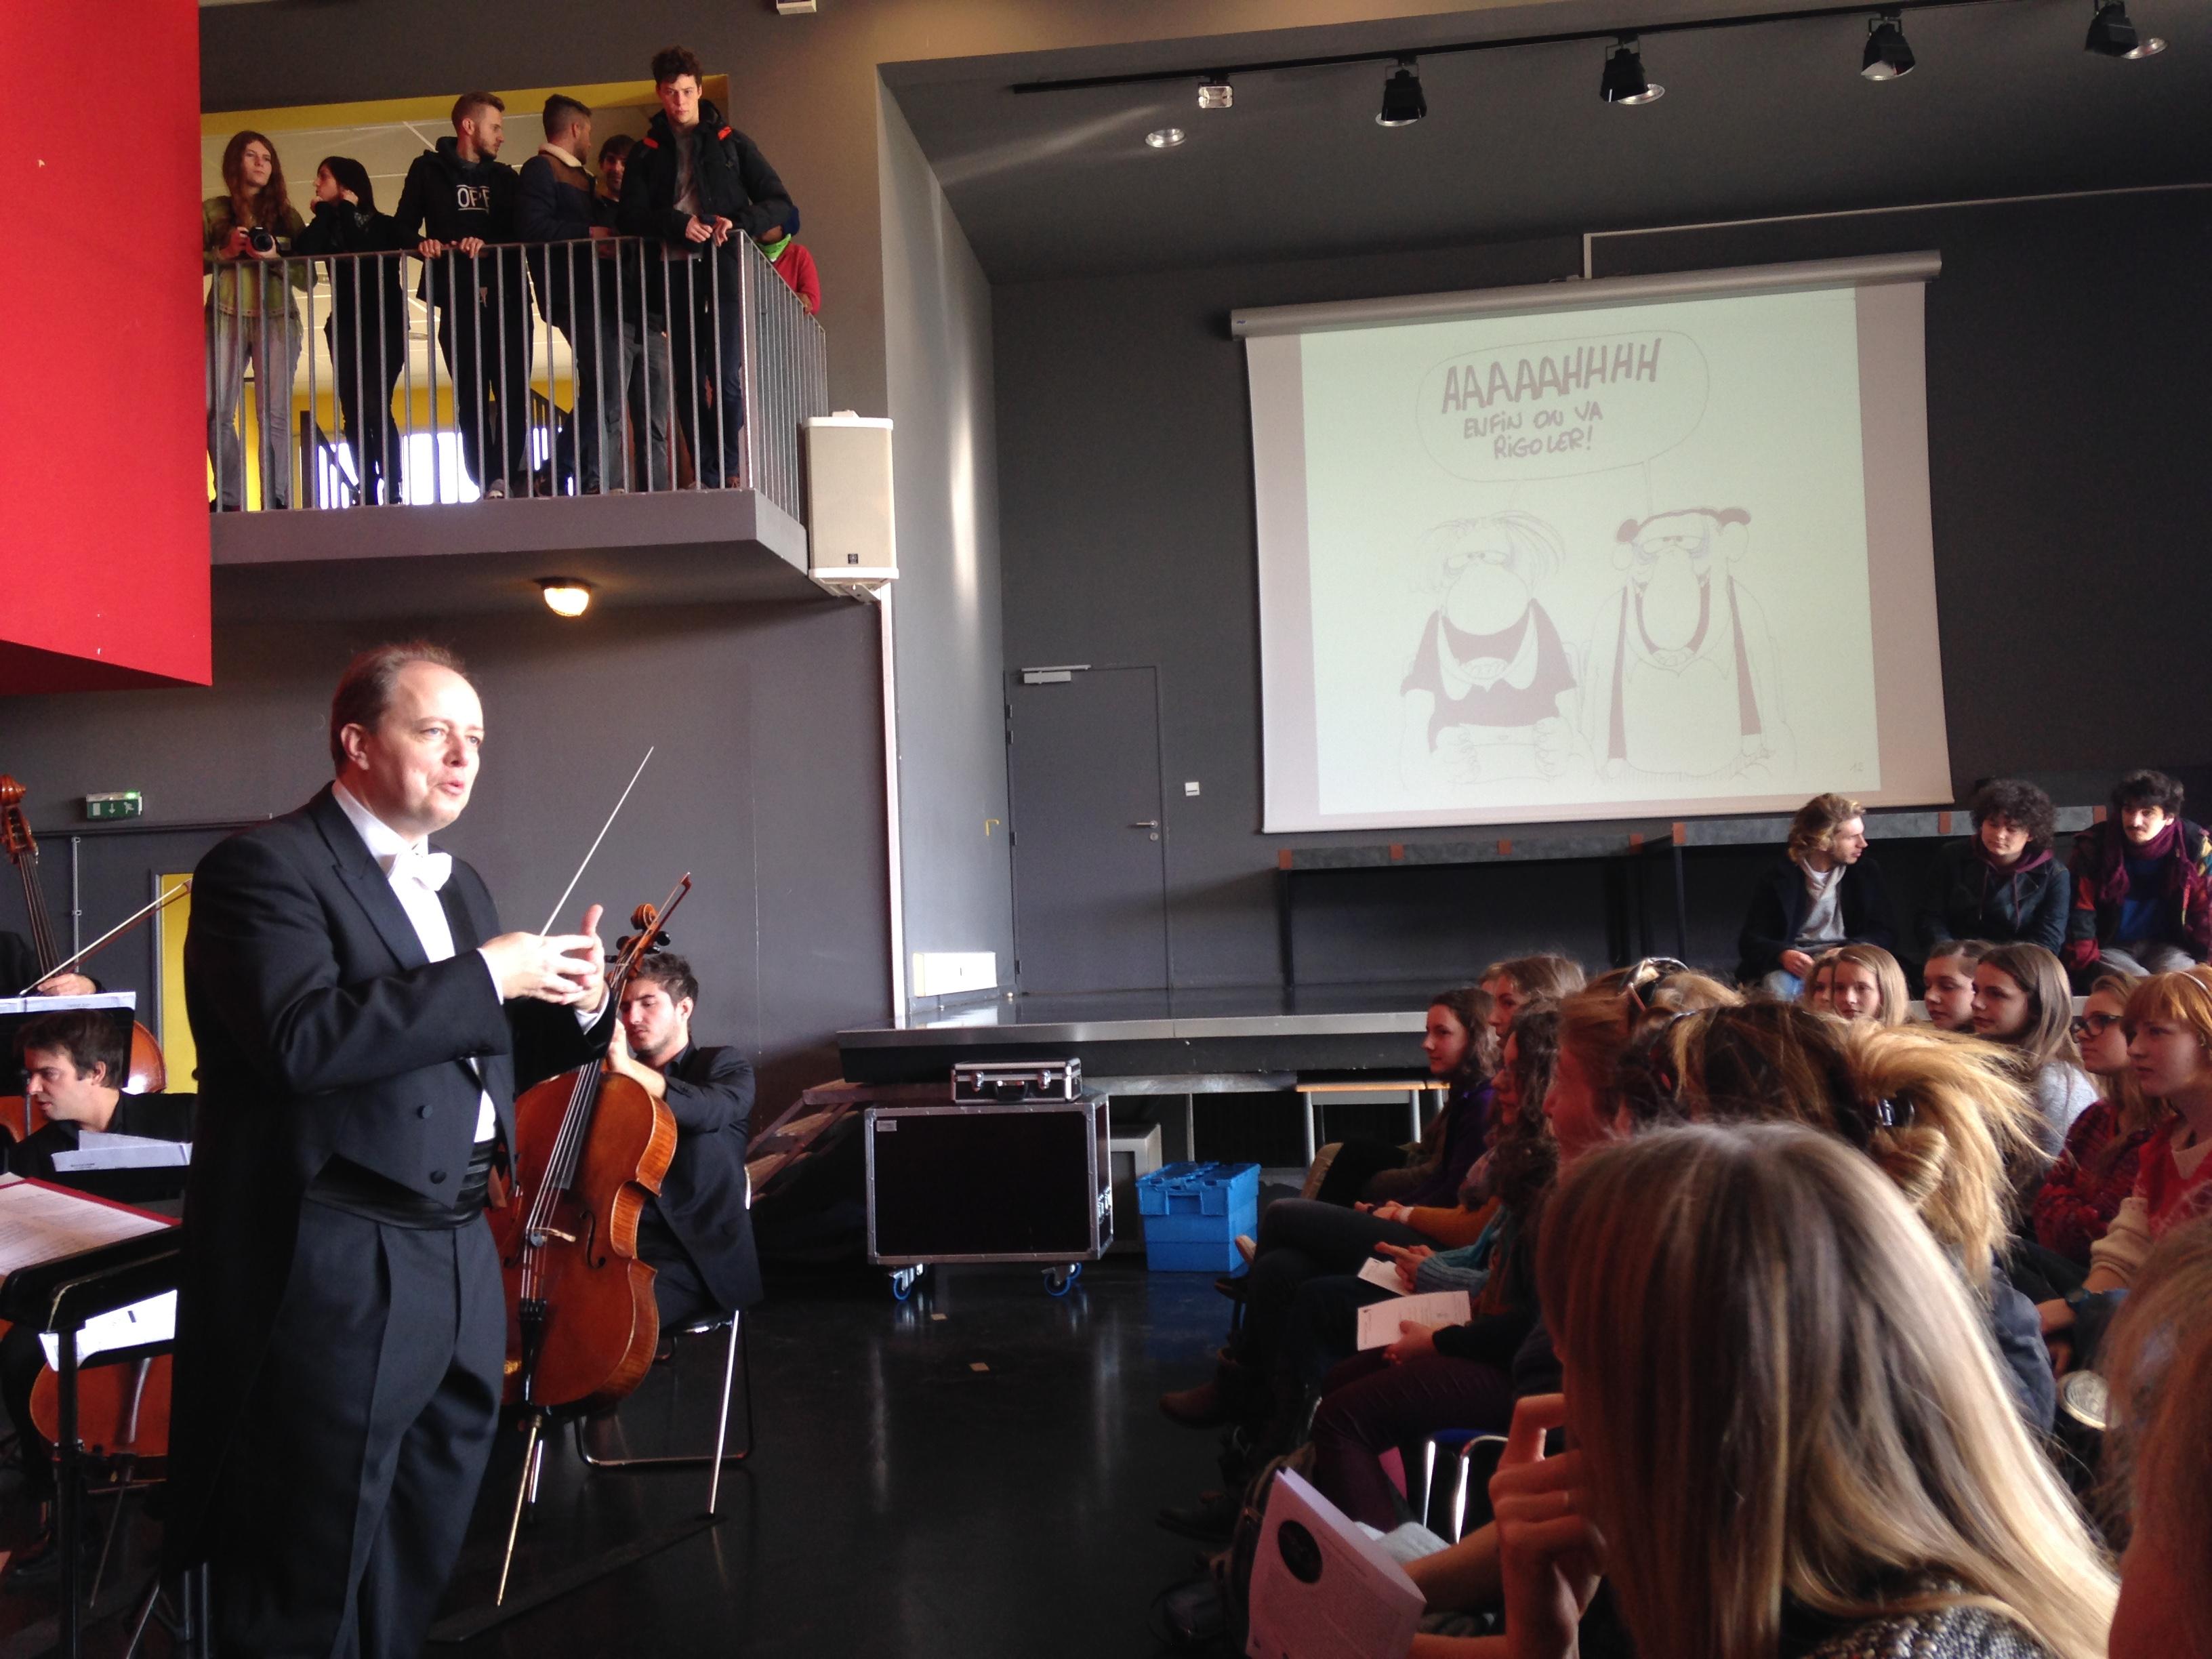 Nicolas Chalvin, au beau milieu du public et des musicien-ne-s ©AuroreFossardDeAlmeida